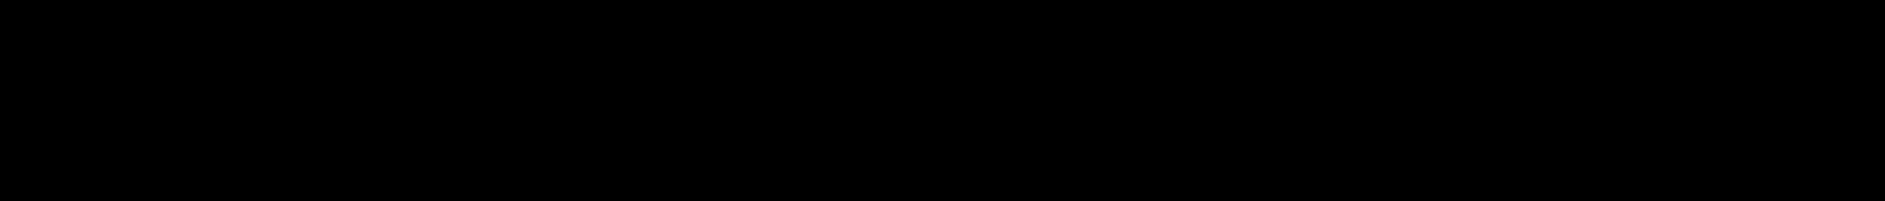 Nikaia Medium Italic